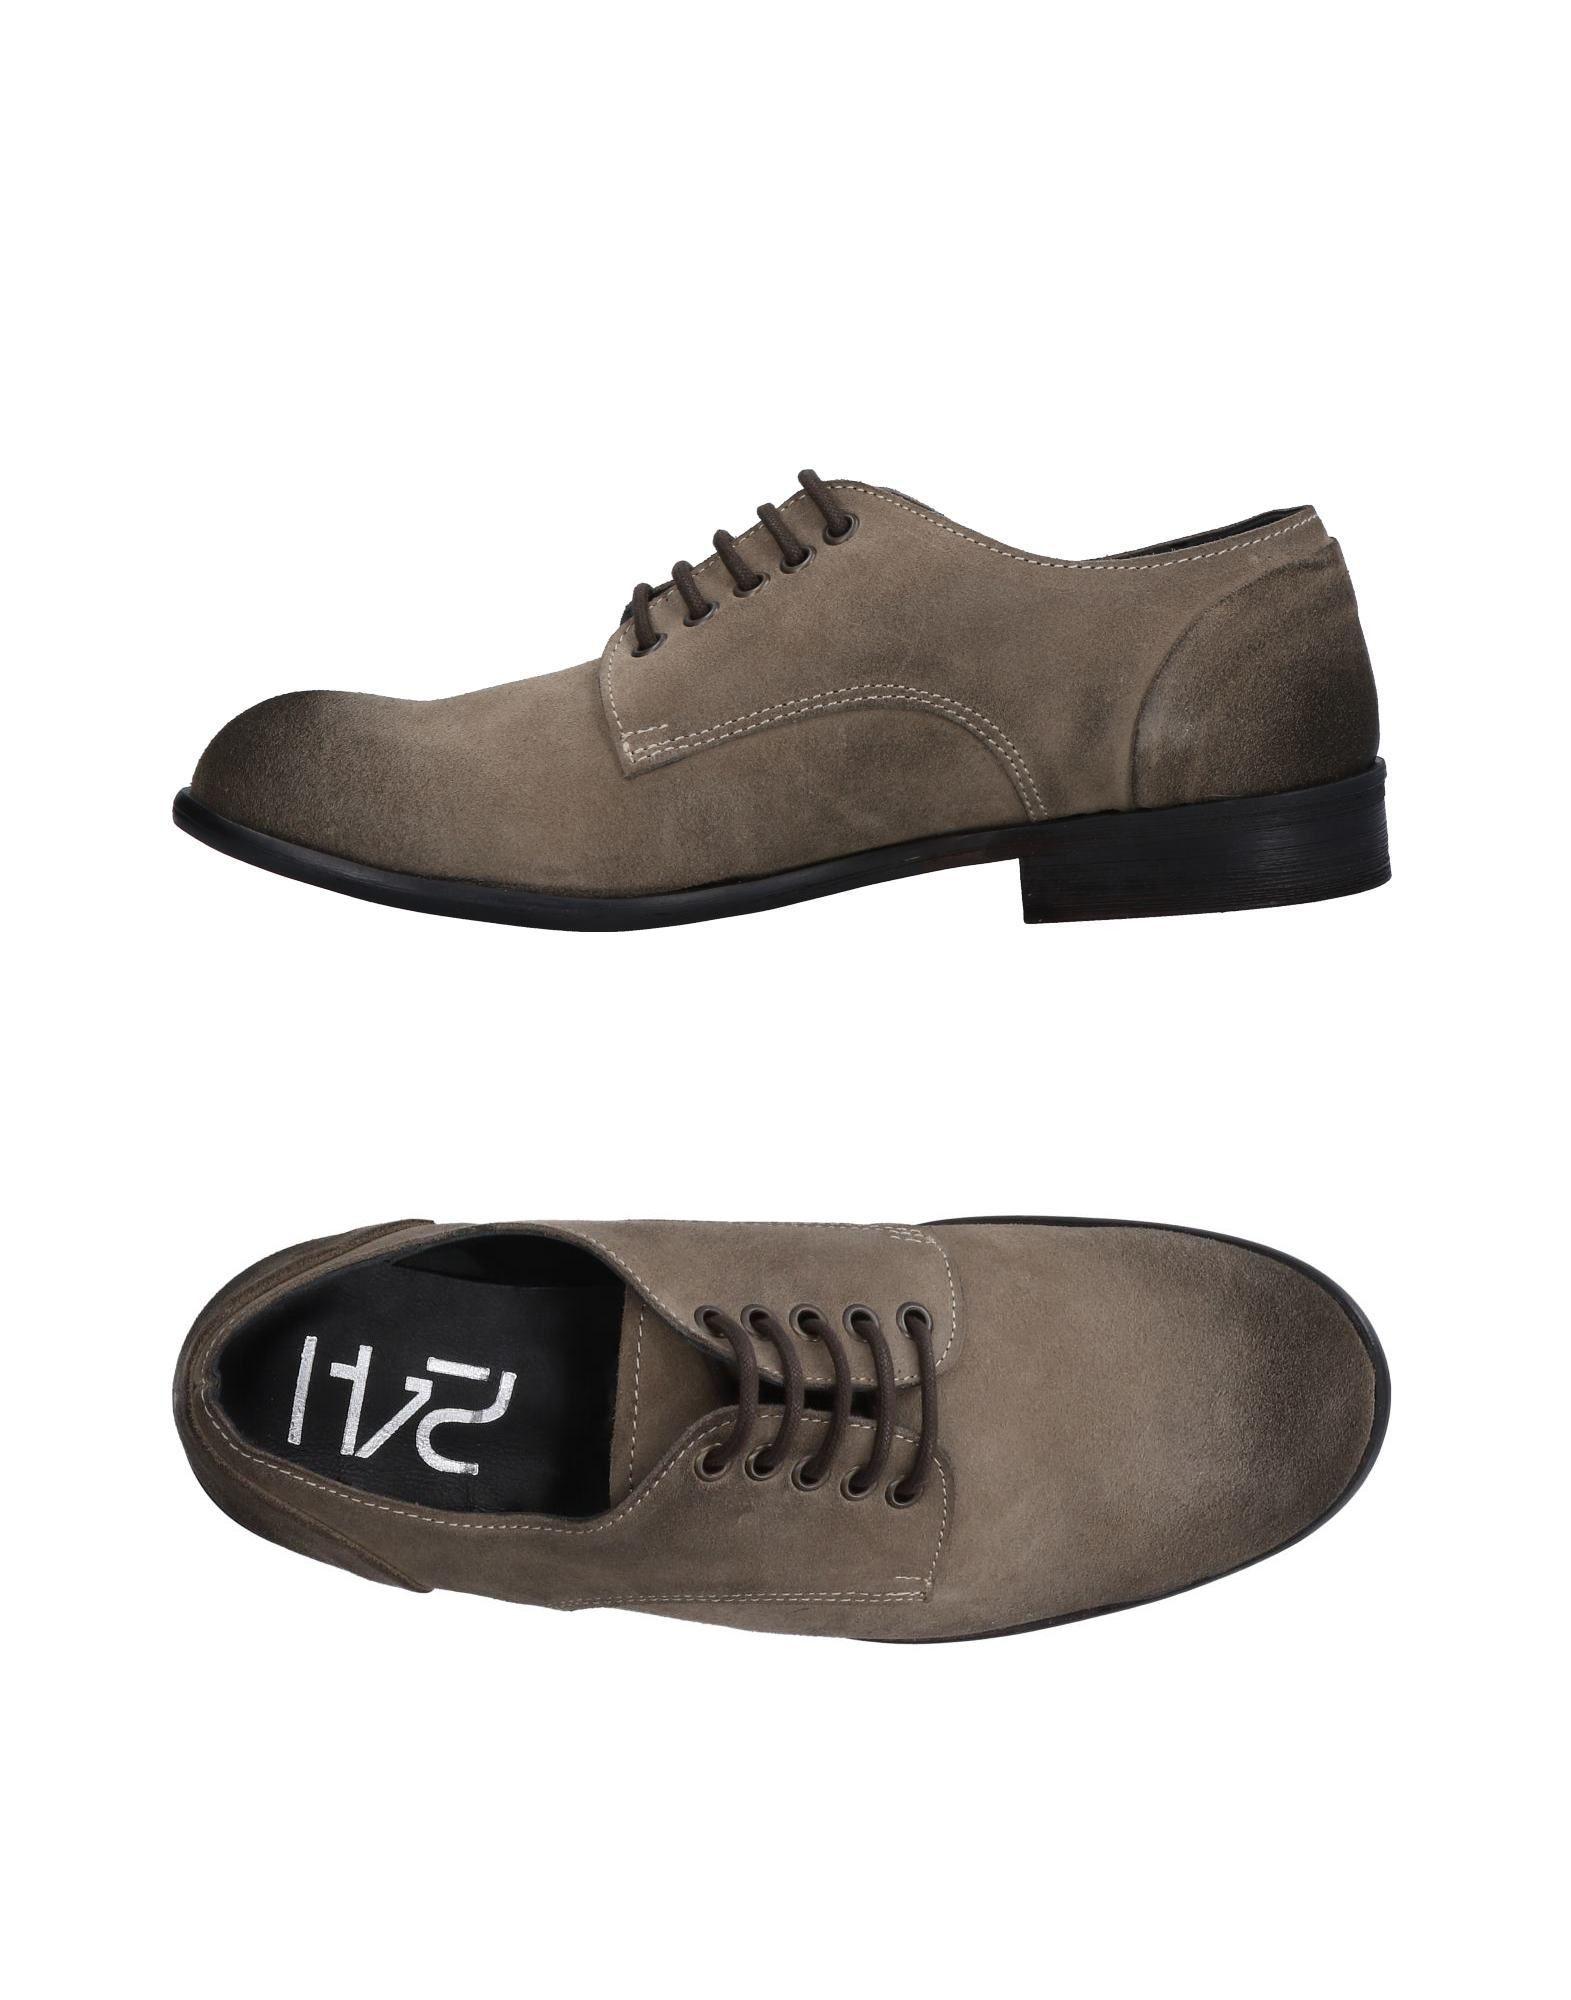 241 Обувь на шнурках первый внутри обувь обувь обувь обувь обувь обувь обувь обувь обувь 8a2549